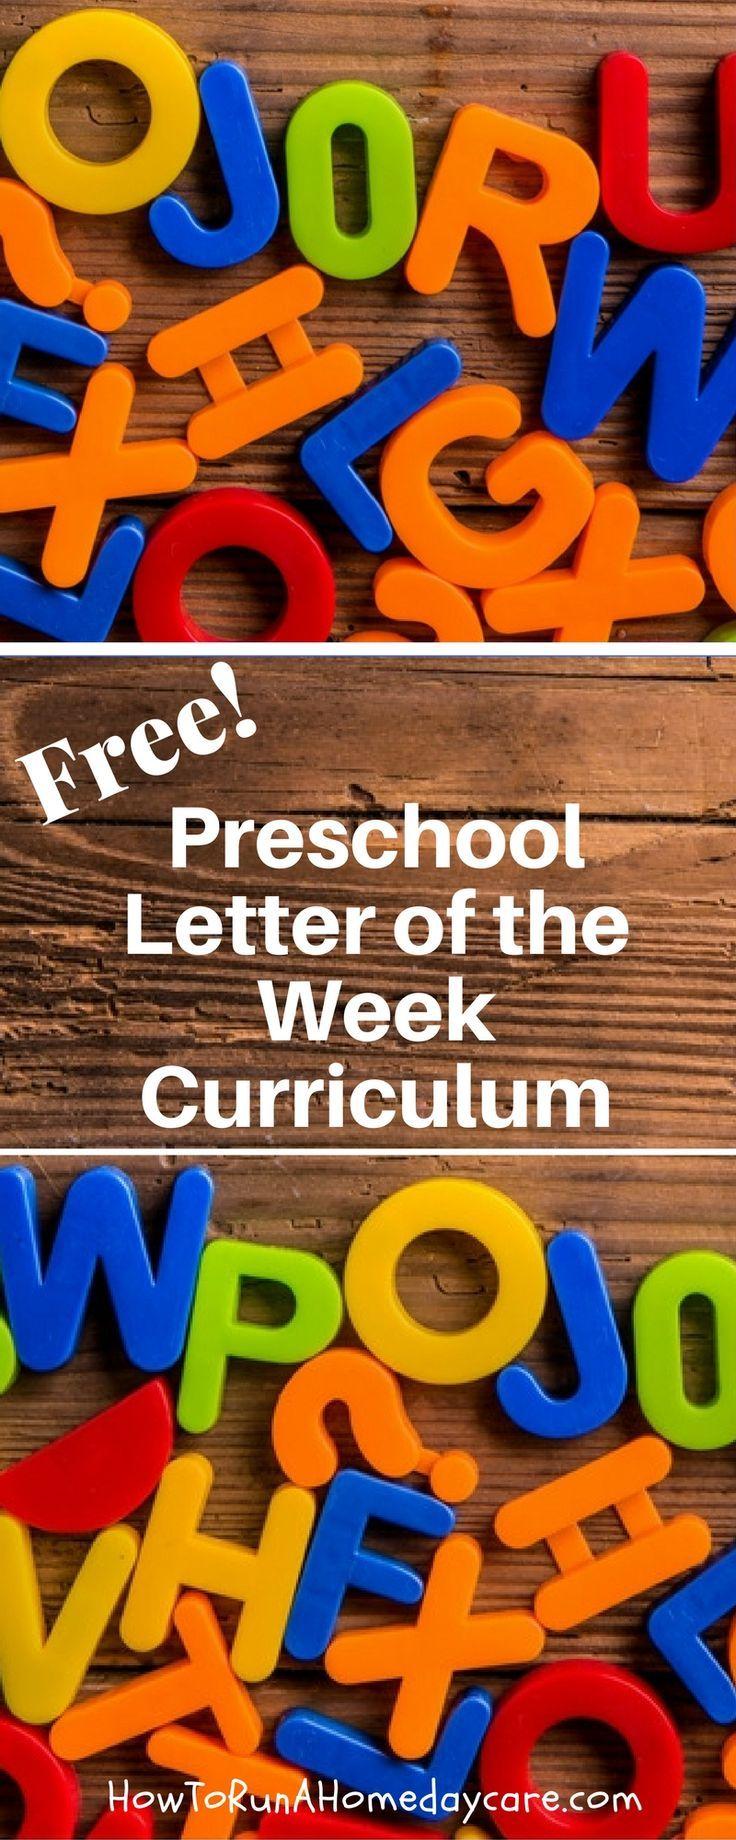 Preschool Letter of the Week Program - Free